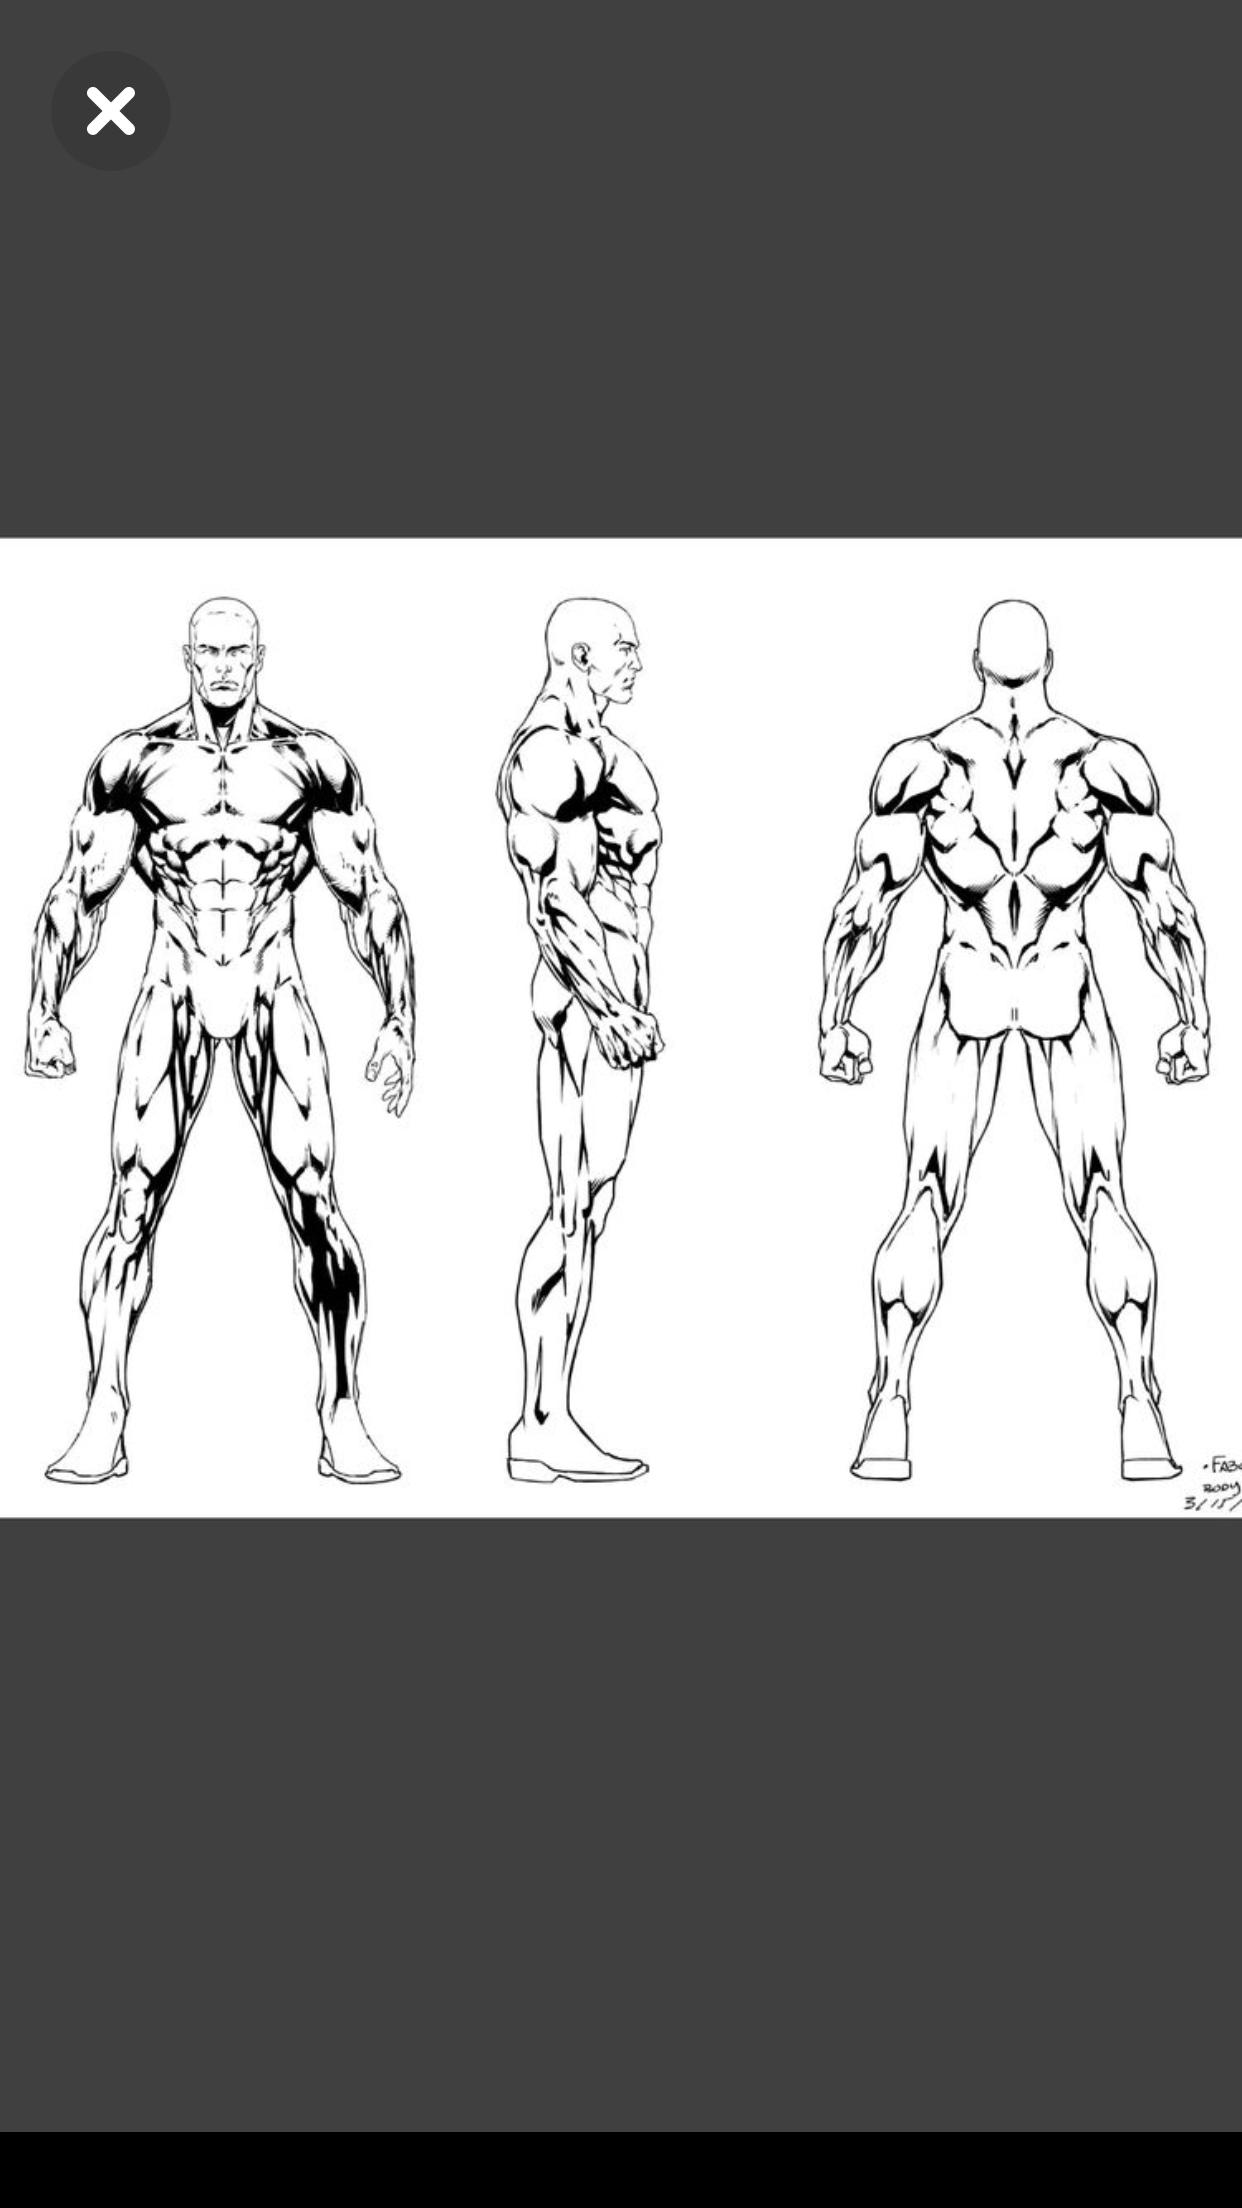 Pin de chaneton plantamur en Anatomy Drawing | Pinterest | Anatomía ...